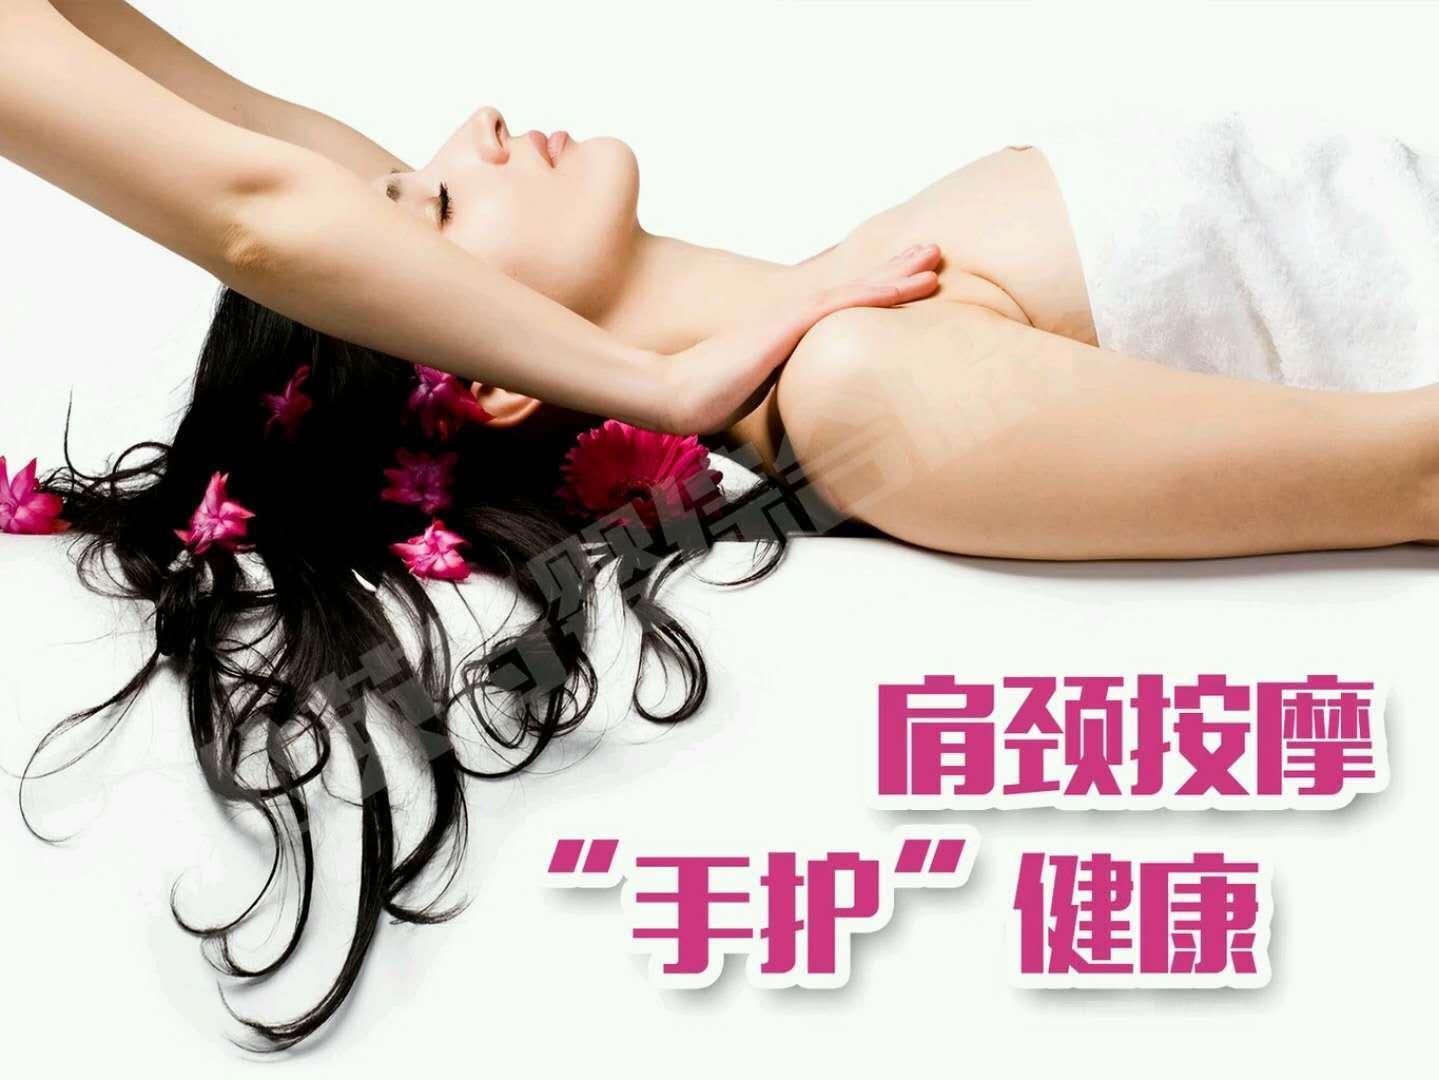 李辉韩成专业养生减肥连锁机构